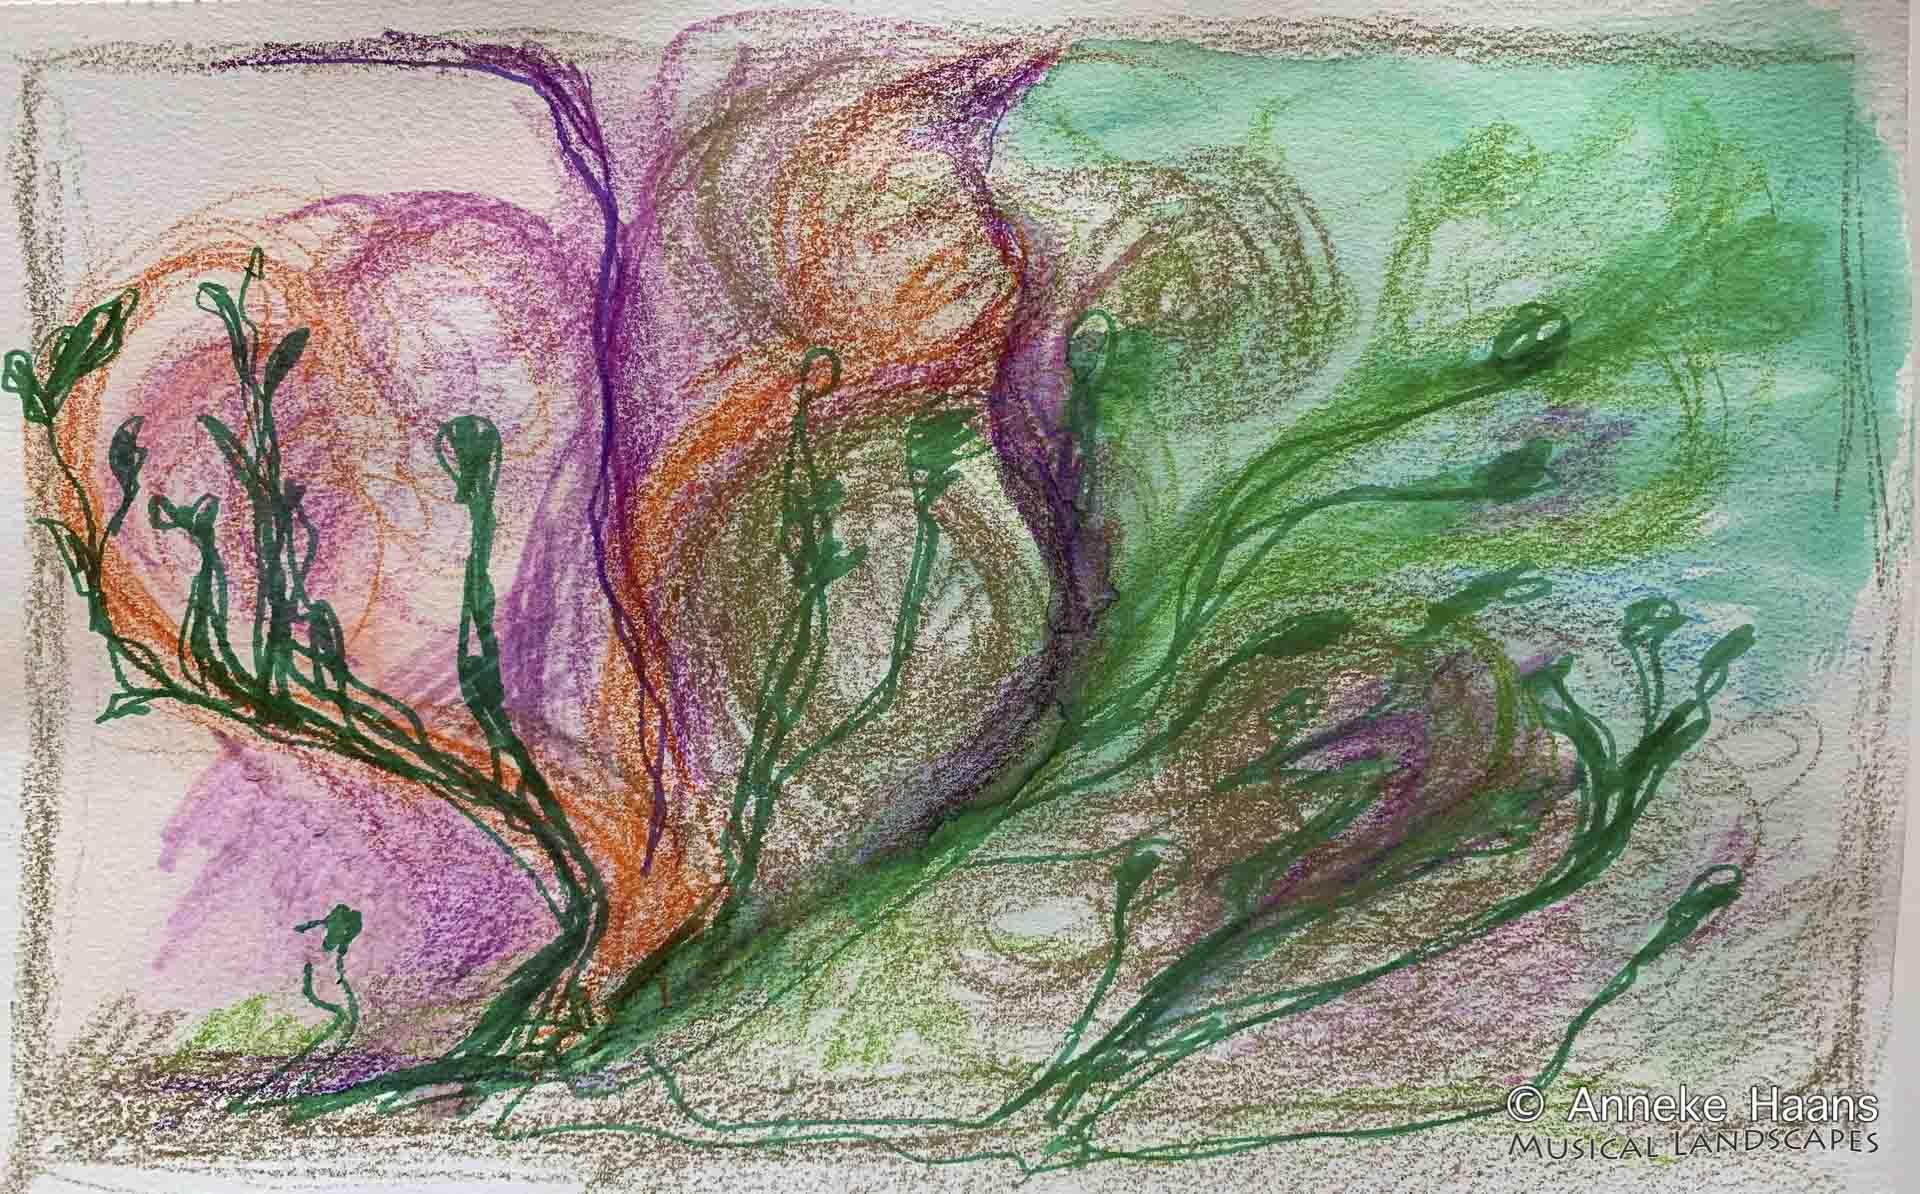 Jouer Au Parc Rouge | Kleurpotlood en viltstift op papier | 24 x 15,5 cm